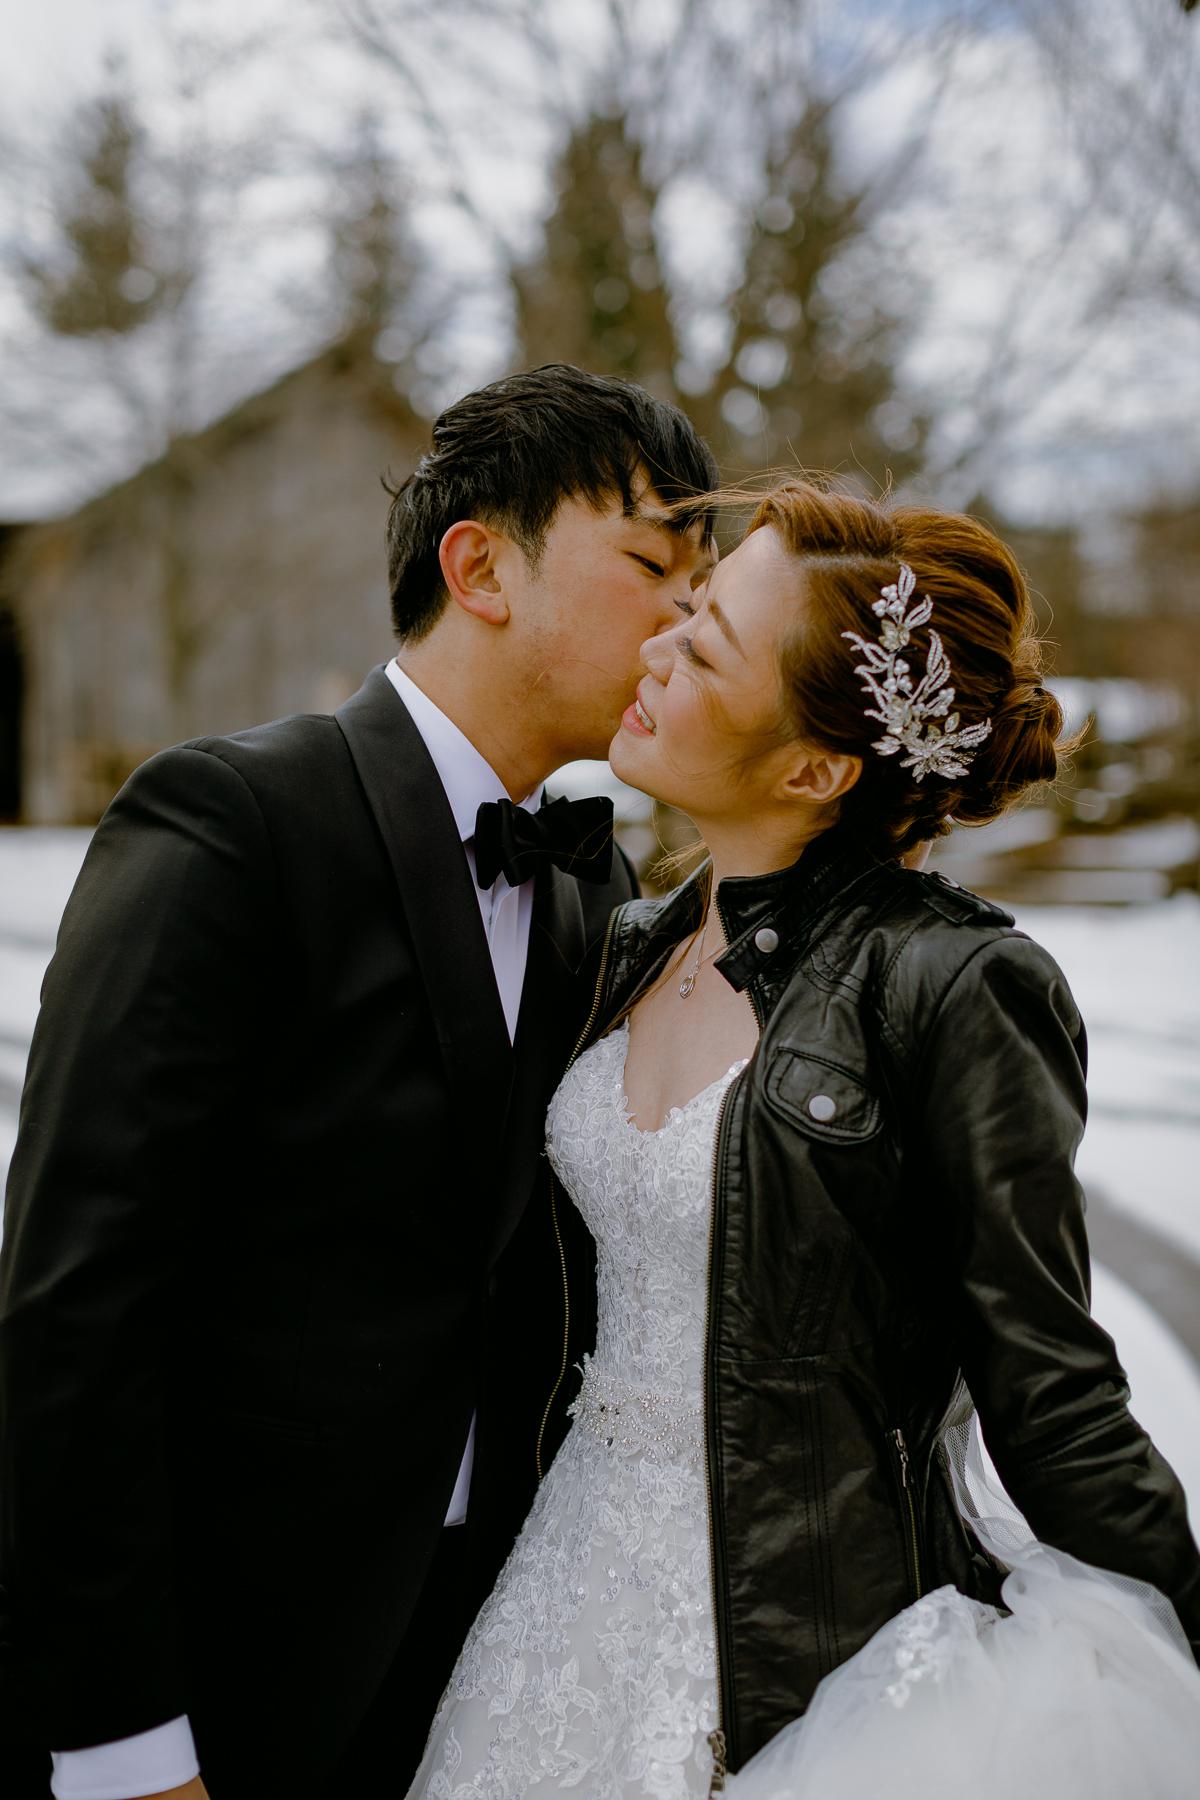 markham-wedding-photography-markham-museum-wedding 0021.jpg